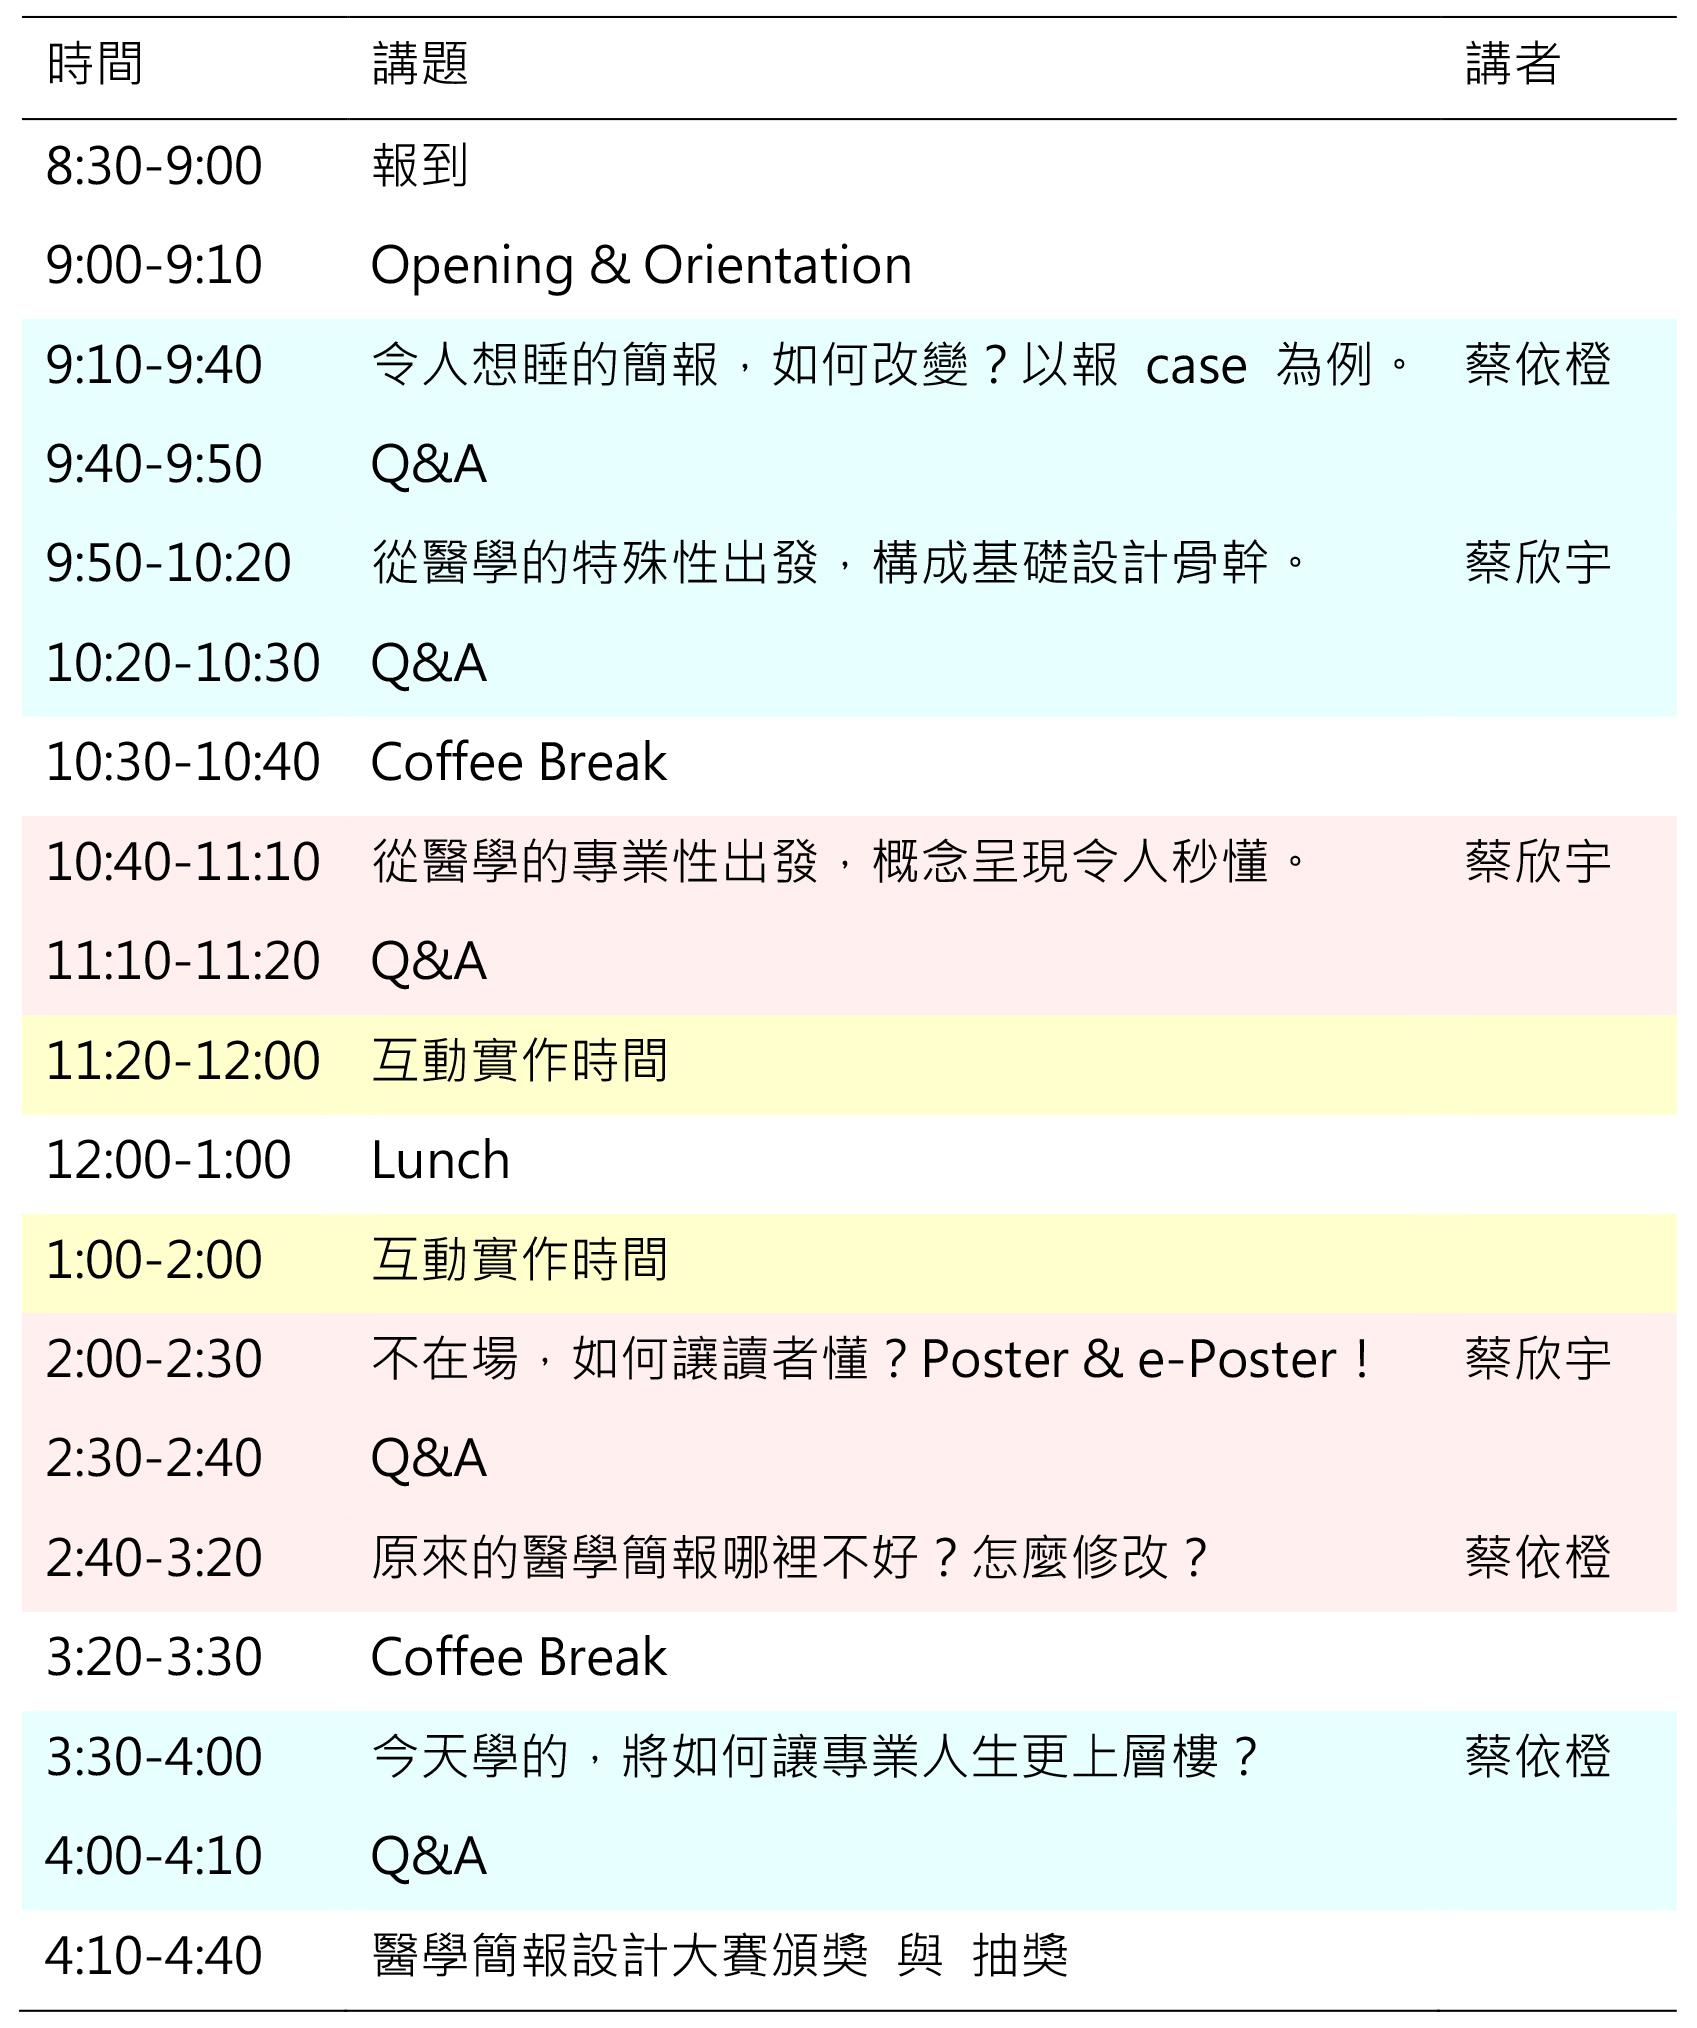 00_2021_schedule